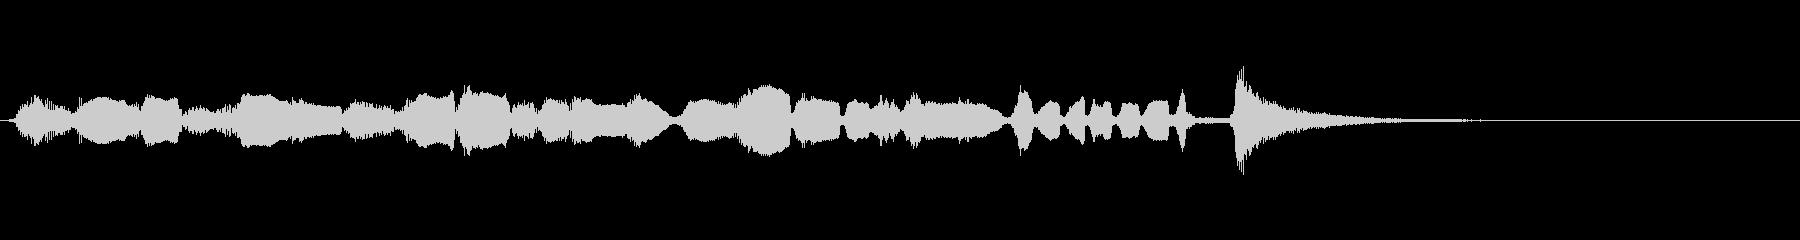 【生演奏】アコーディオンジングル19の未再生の波形